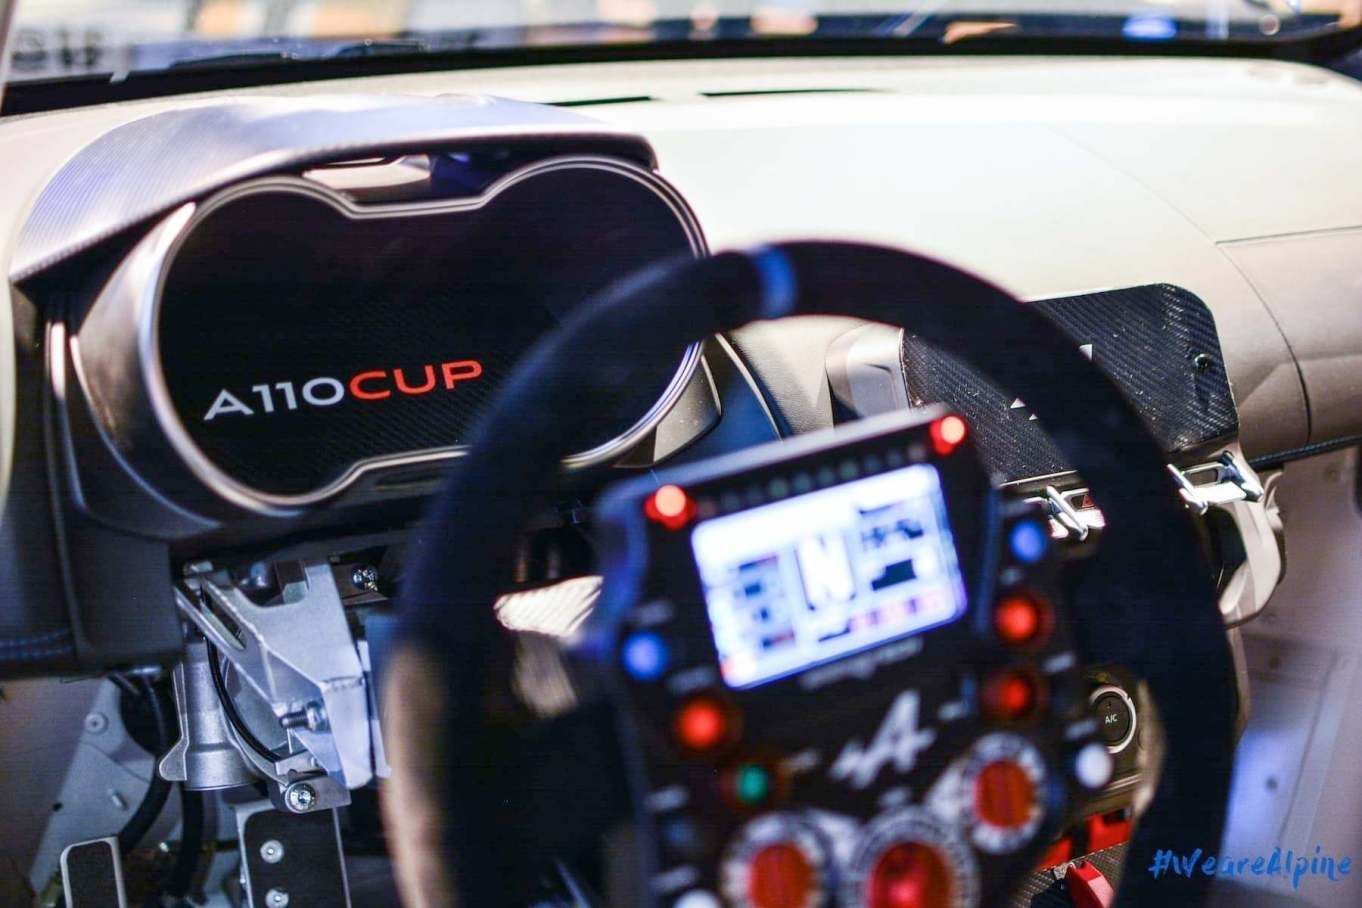 Alpine A110 Cup Signatech Studio Boulogne Billancourt GPE Auto 25 - L'Alpine A110 Cup en détail sous l'oeil de GPE Auto !